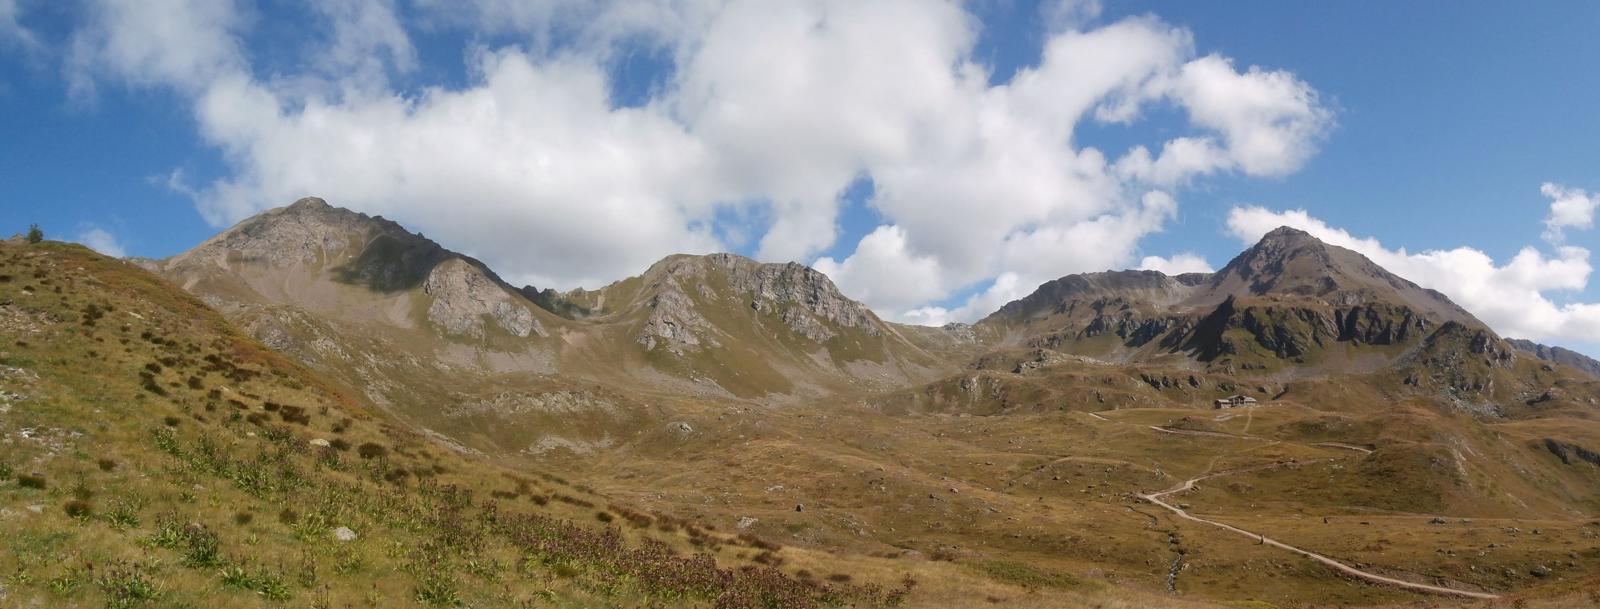 sul traverso ripido diretti al colle Paletta,vista  dal Fallere(a destra) al monte Rosso( a sinistra)...